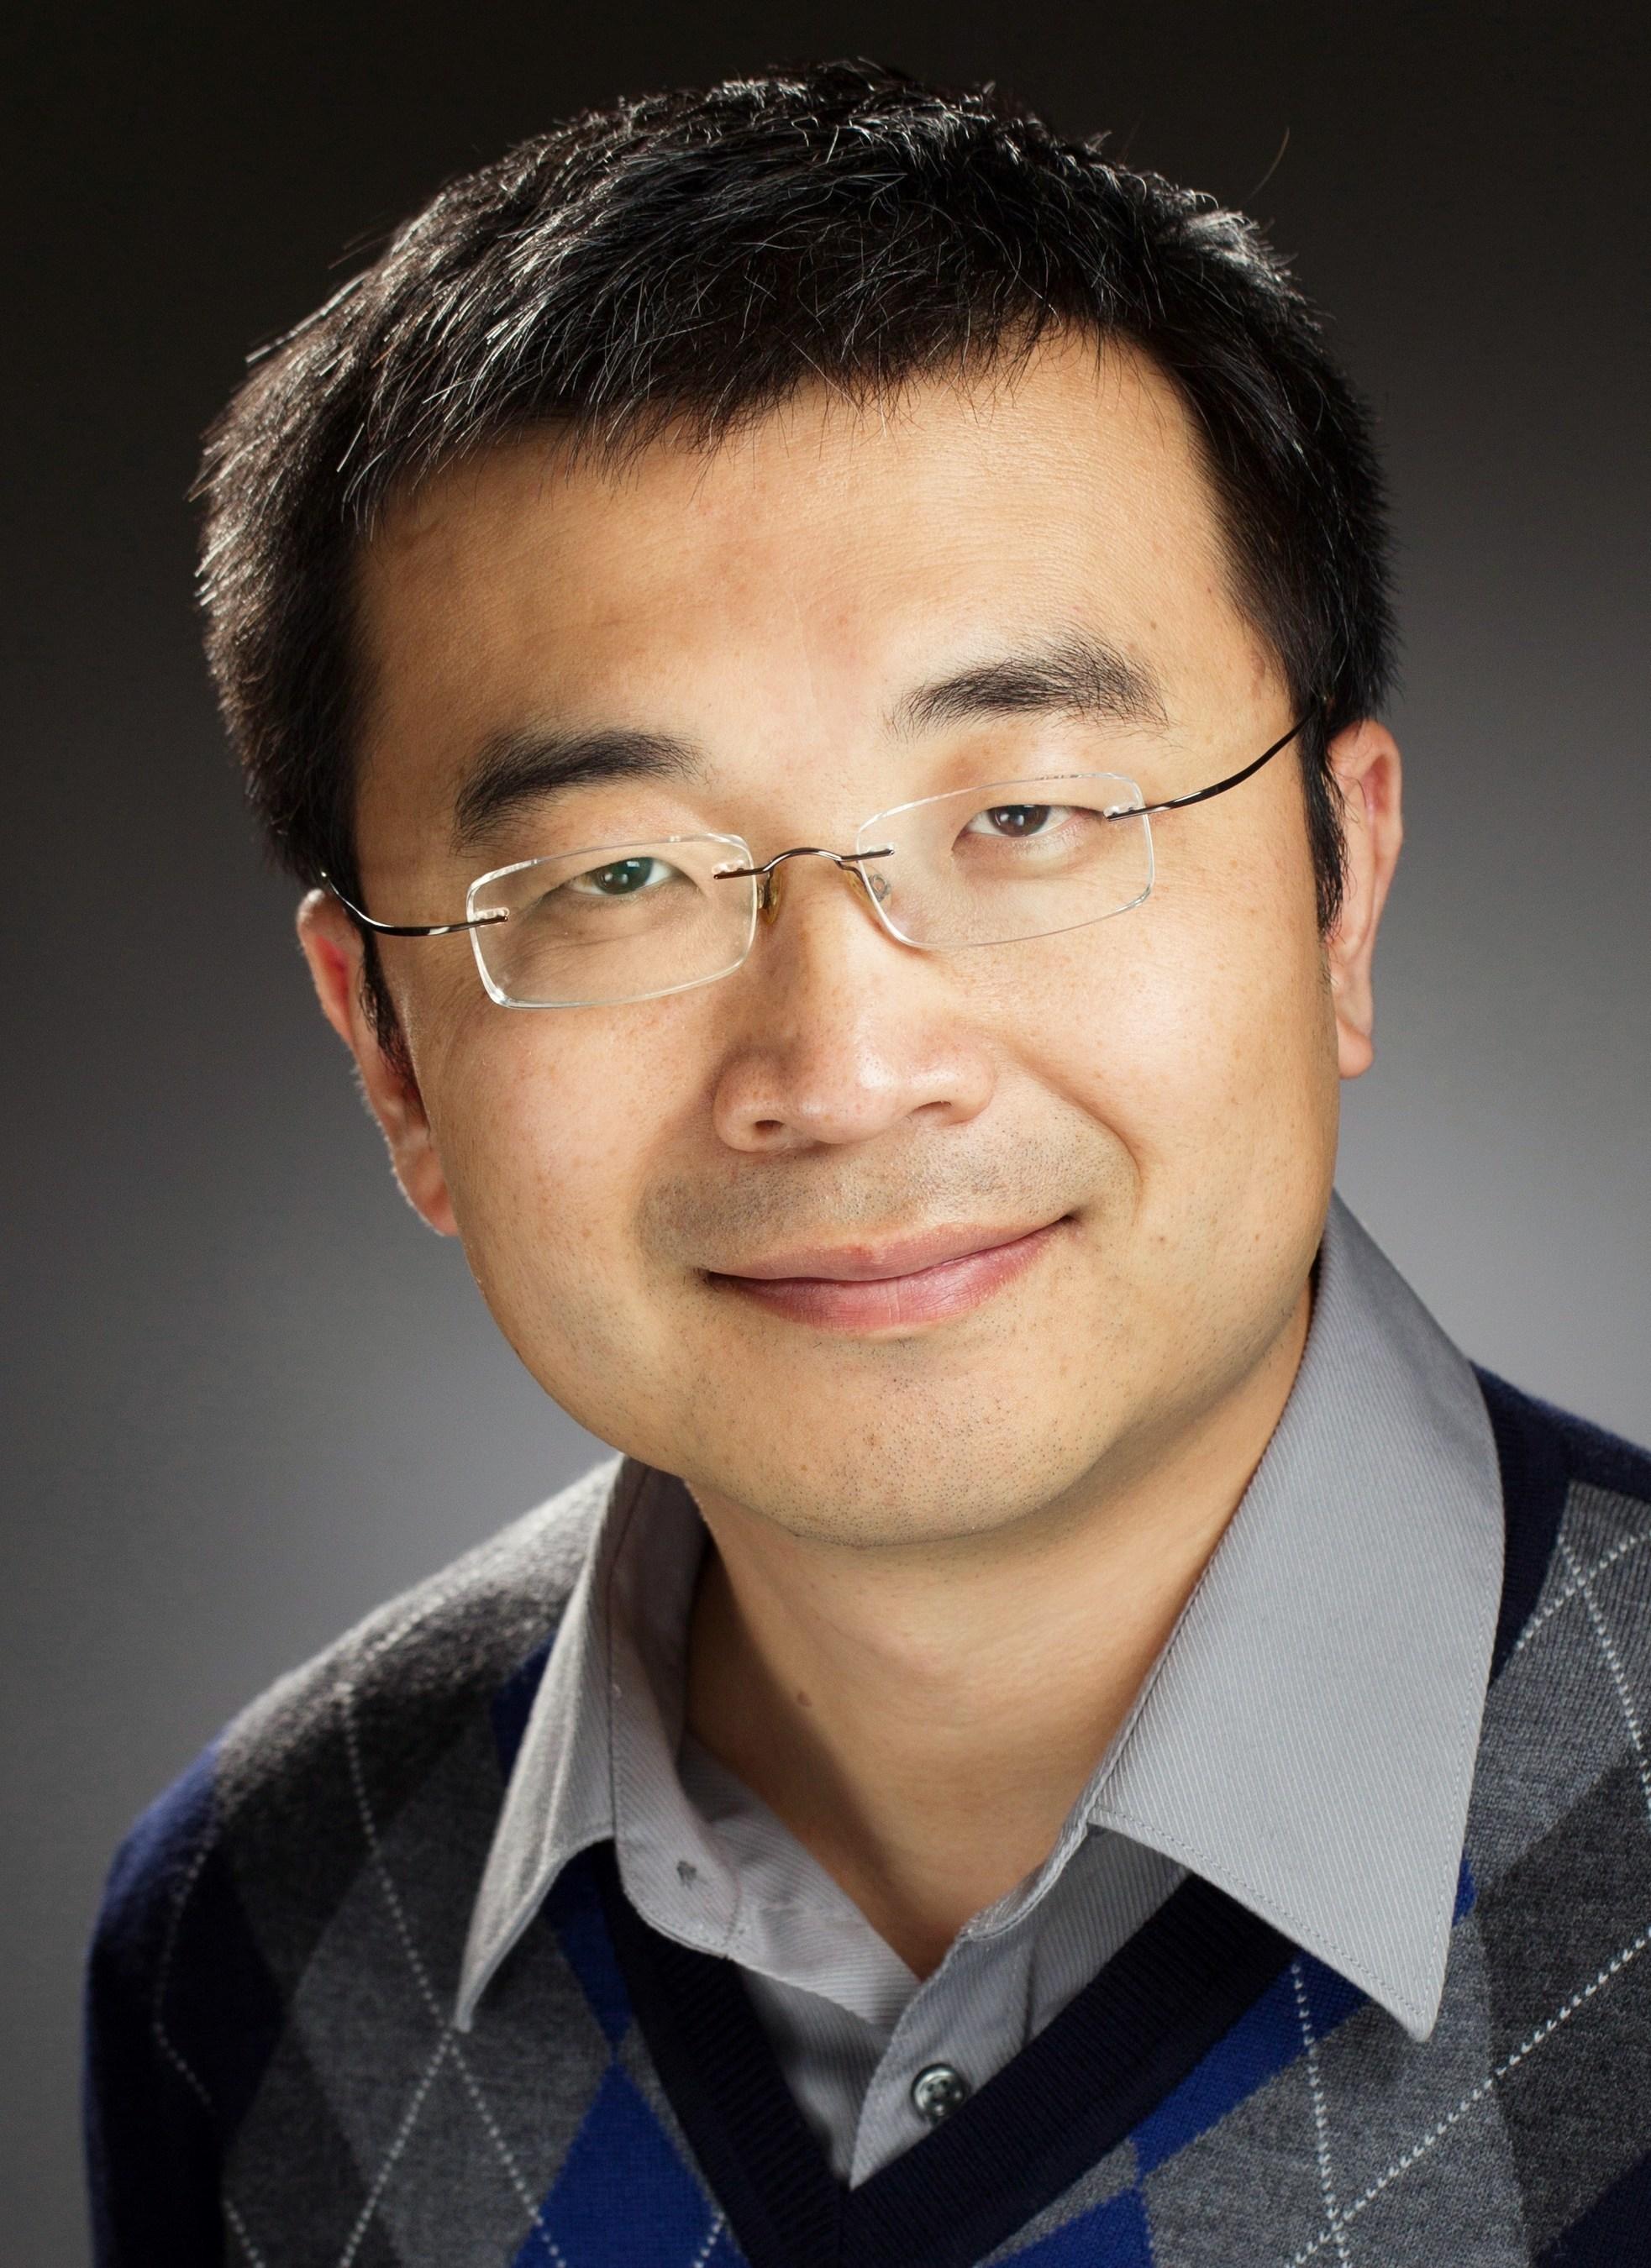 Tony Zhao, Founder and CEO of Agora.io